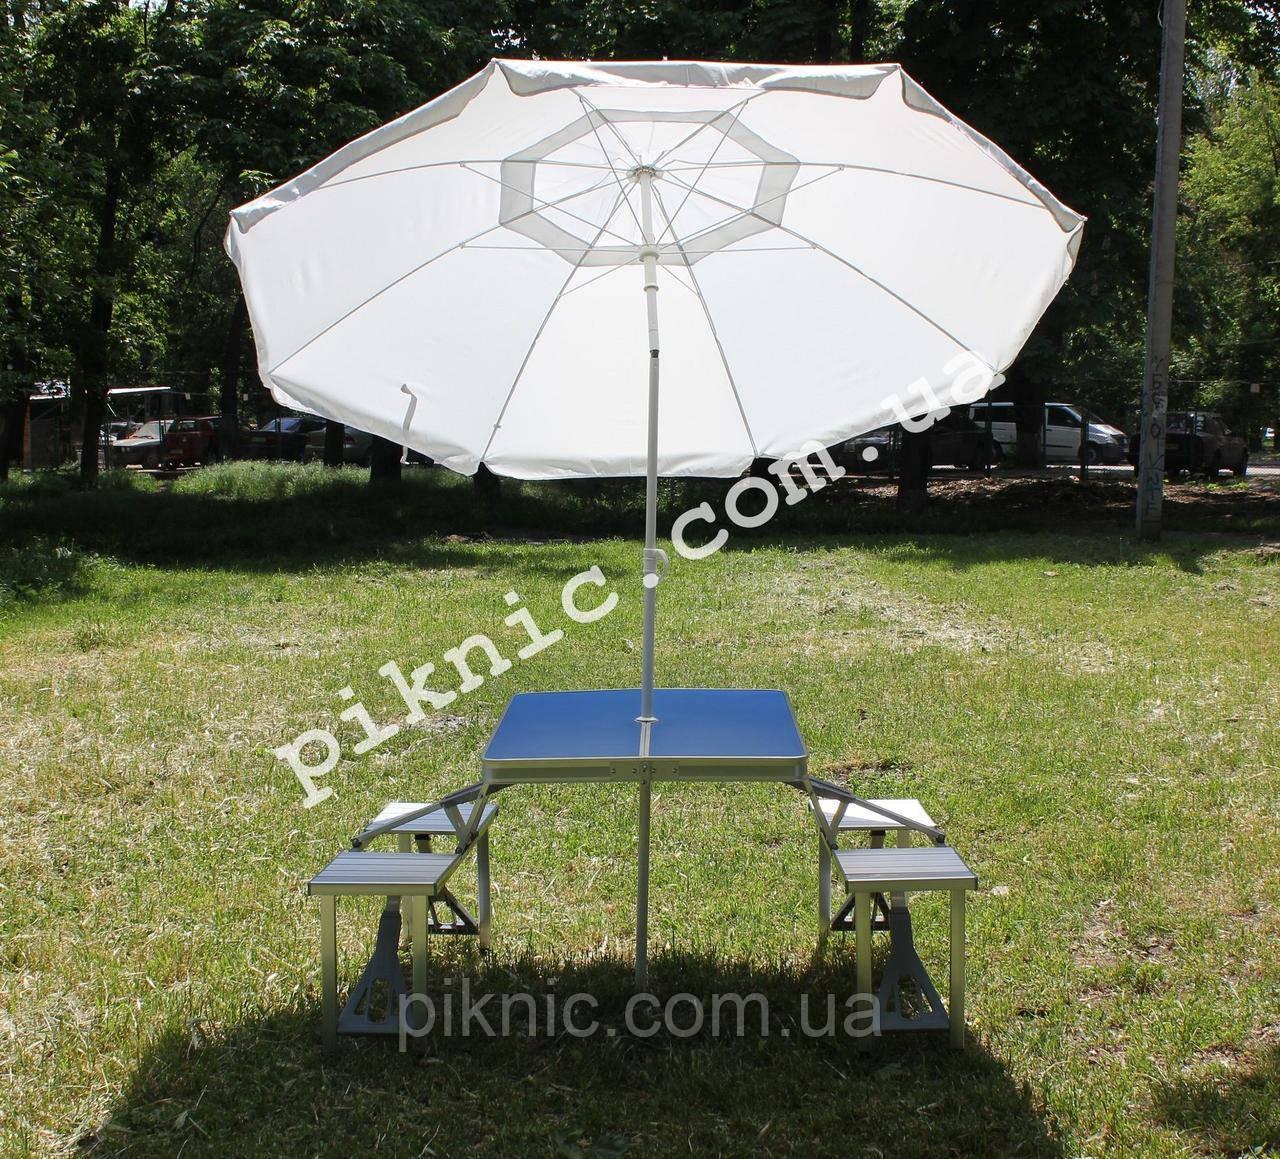 Стол раскладной для пикника + 4 стула + зонт. Столик туристический алюминиевый, металл металлический